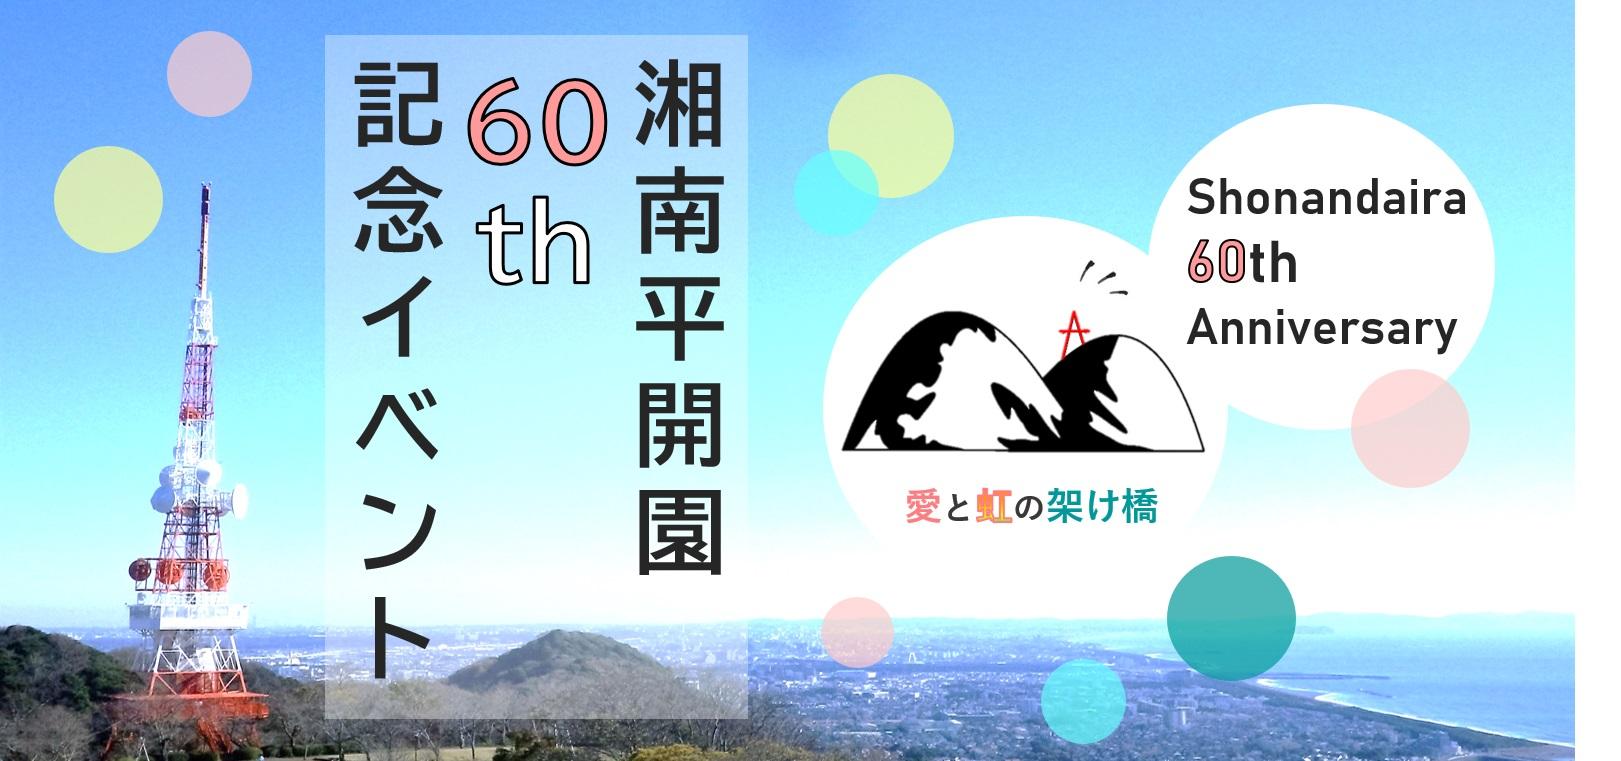 【平塚】湘南平60周年を記念して2019年16,17日でイベントが行われるみたい。